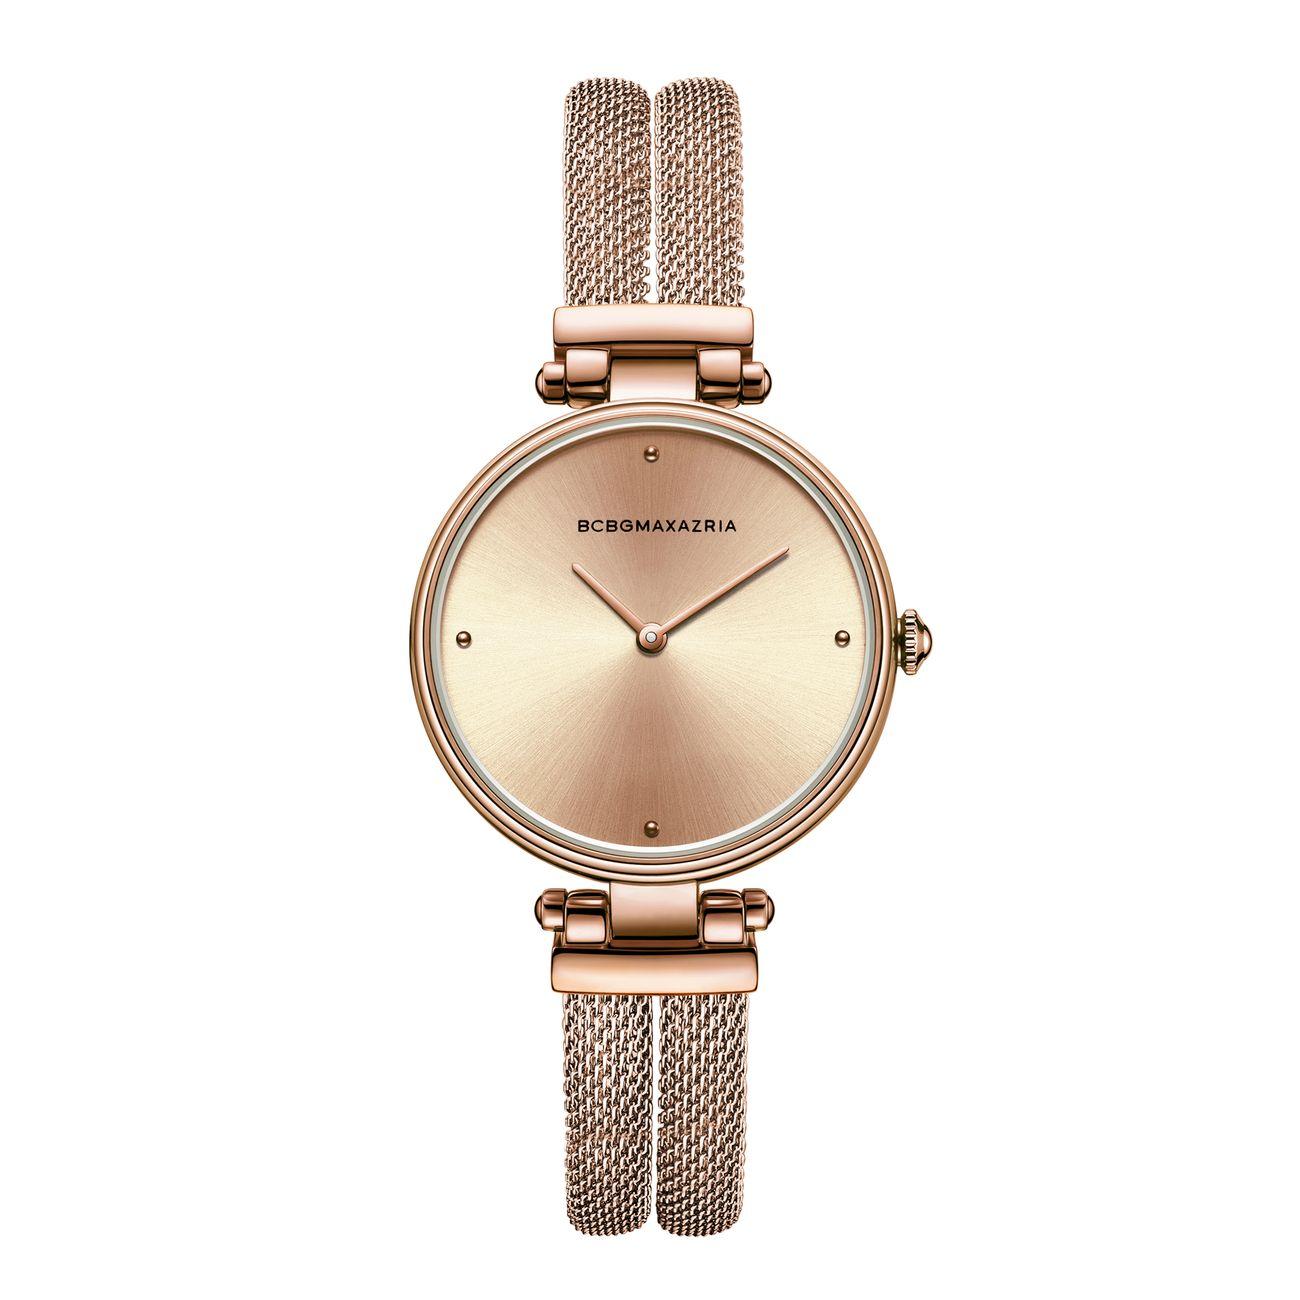 Часы BCBGMAXAZRIA часы nixon time teller deluxe leather navy sunray brow